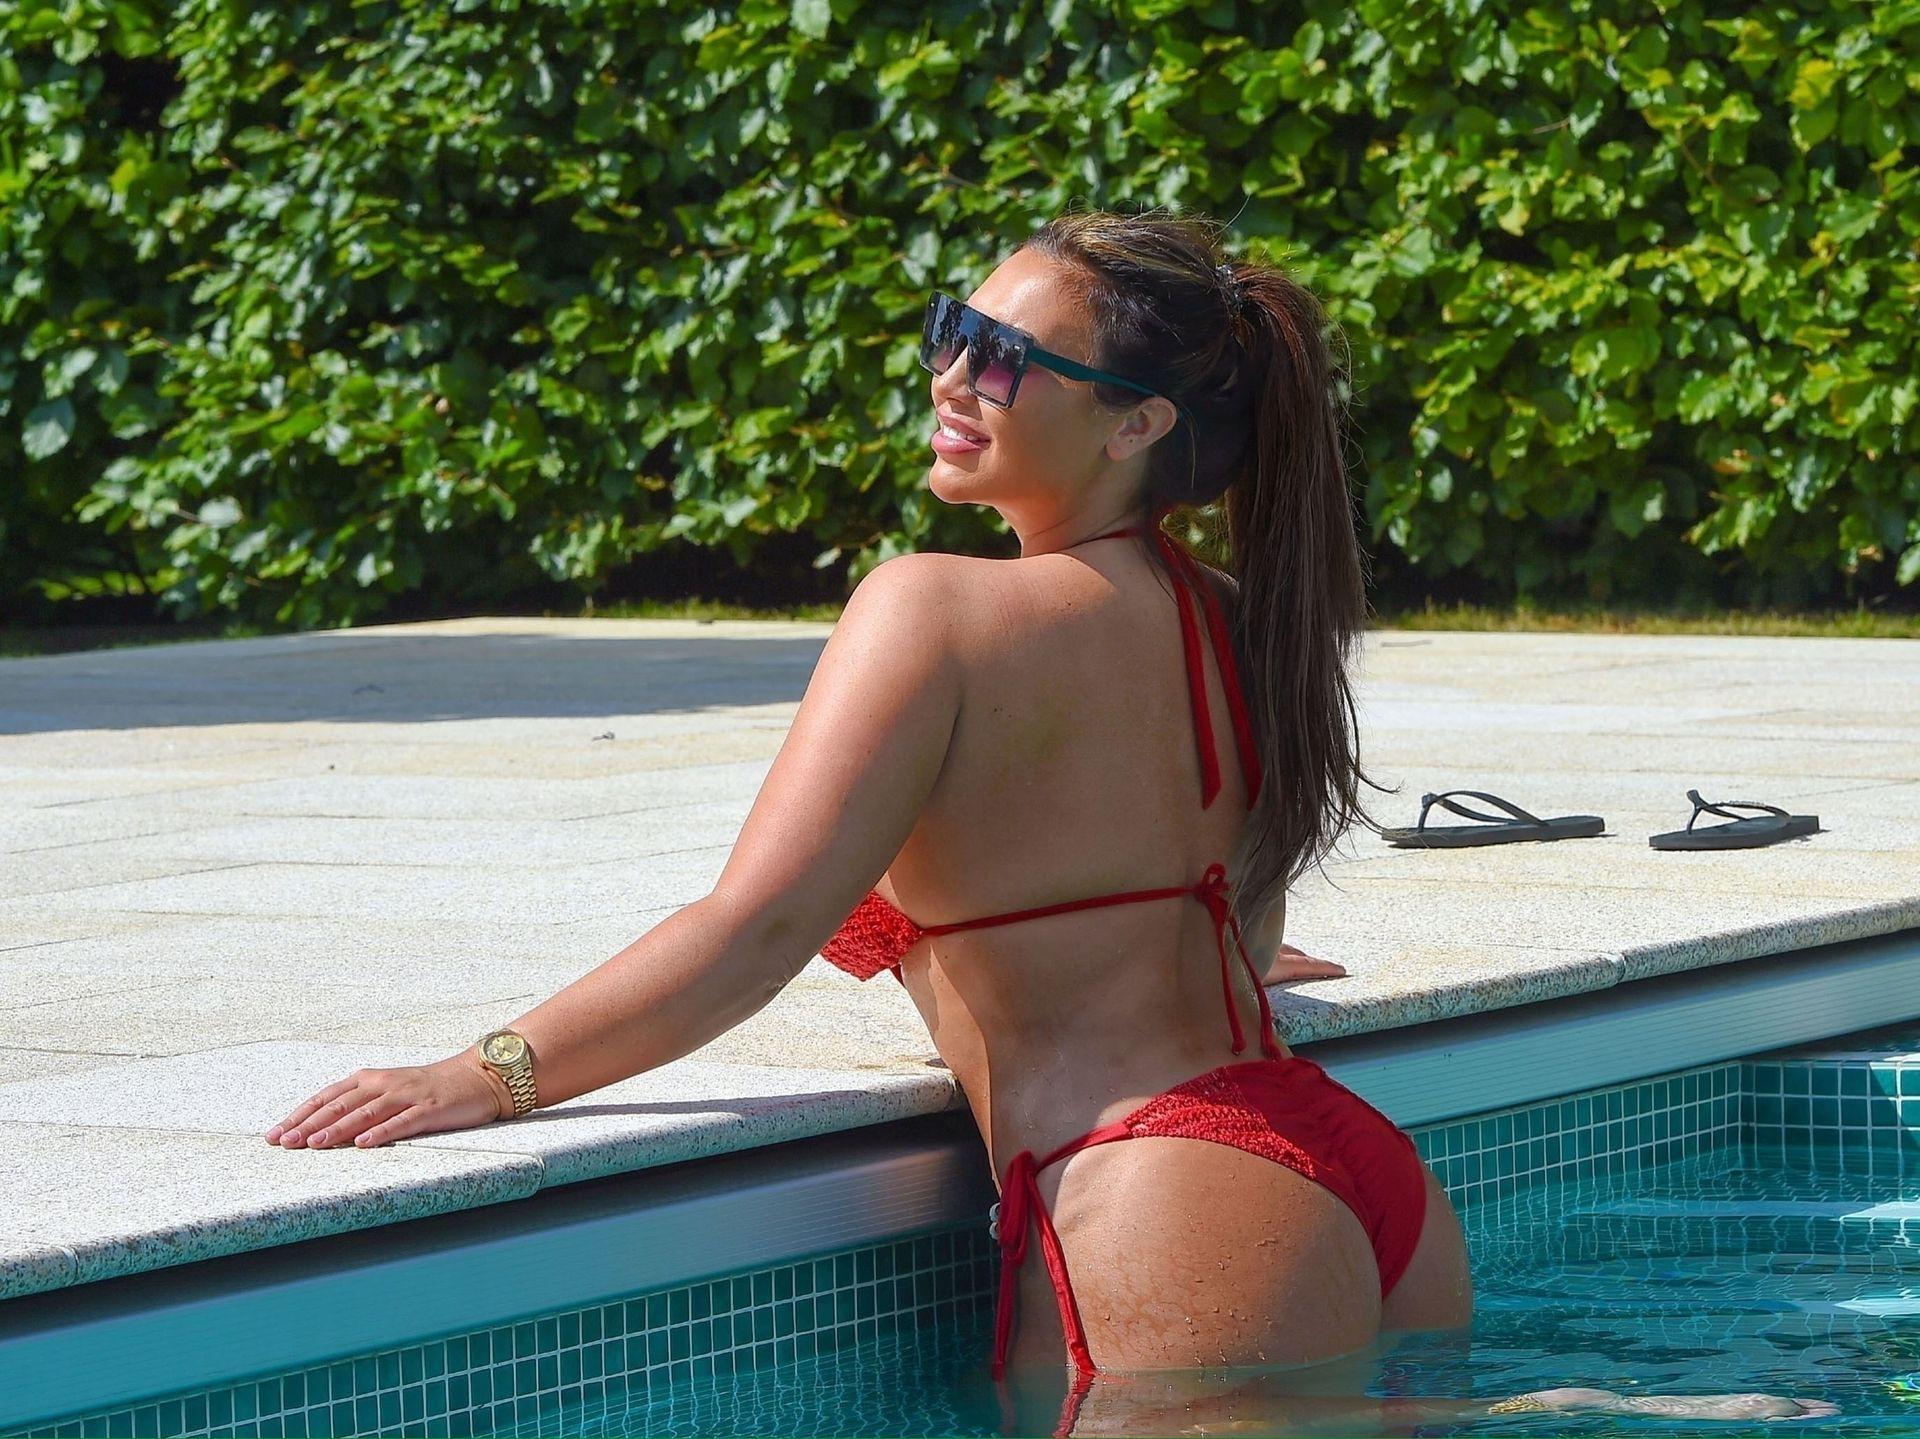 Lauren Goodger Hot Bikini Body